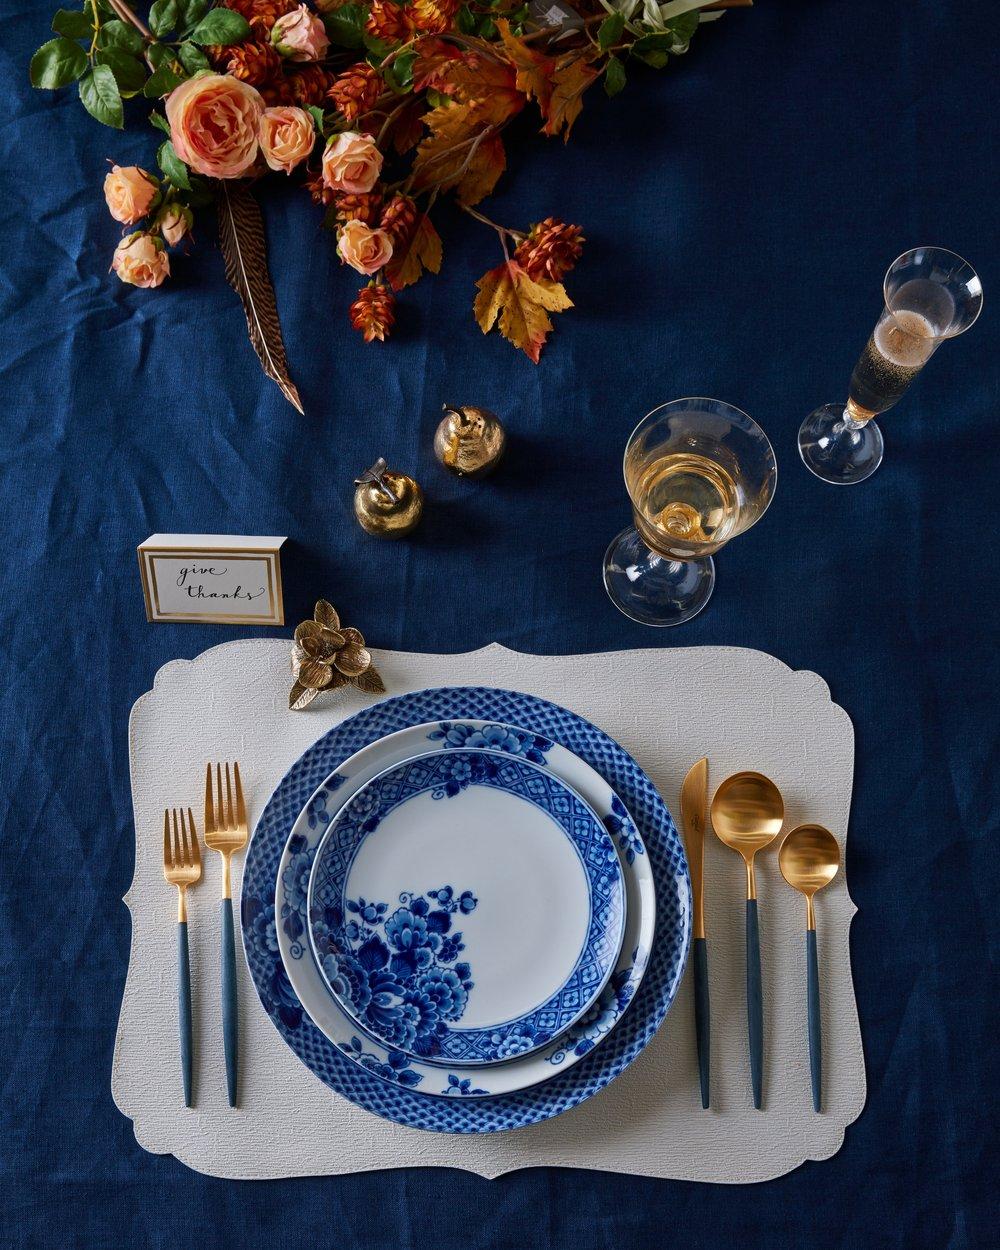 2016-0616_vista-allegra-blue-plates_Fall169436_FINAL.jpg